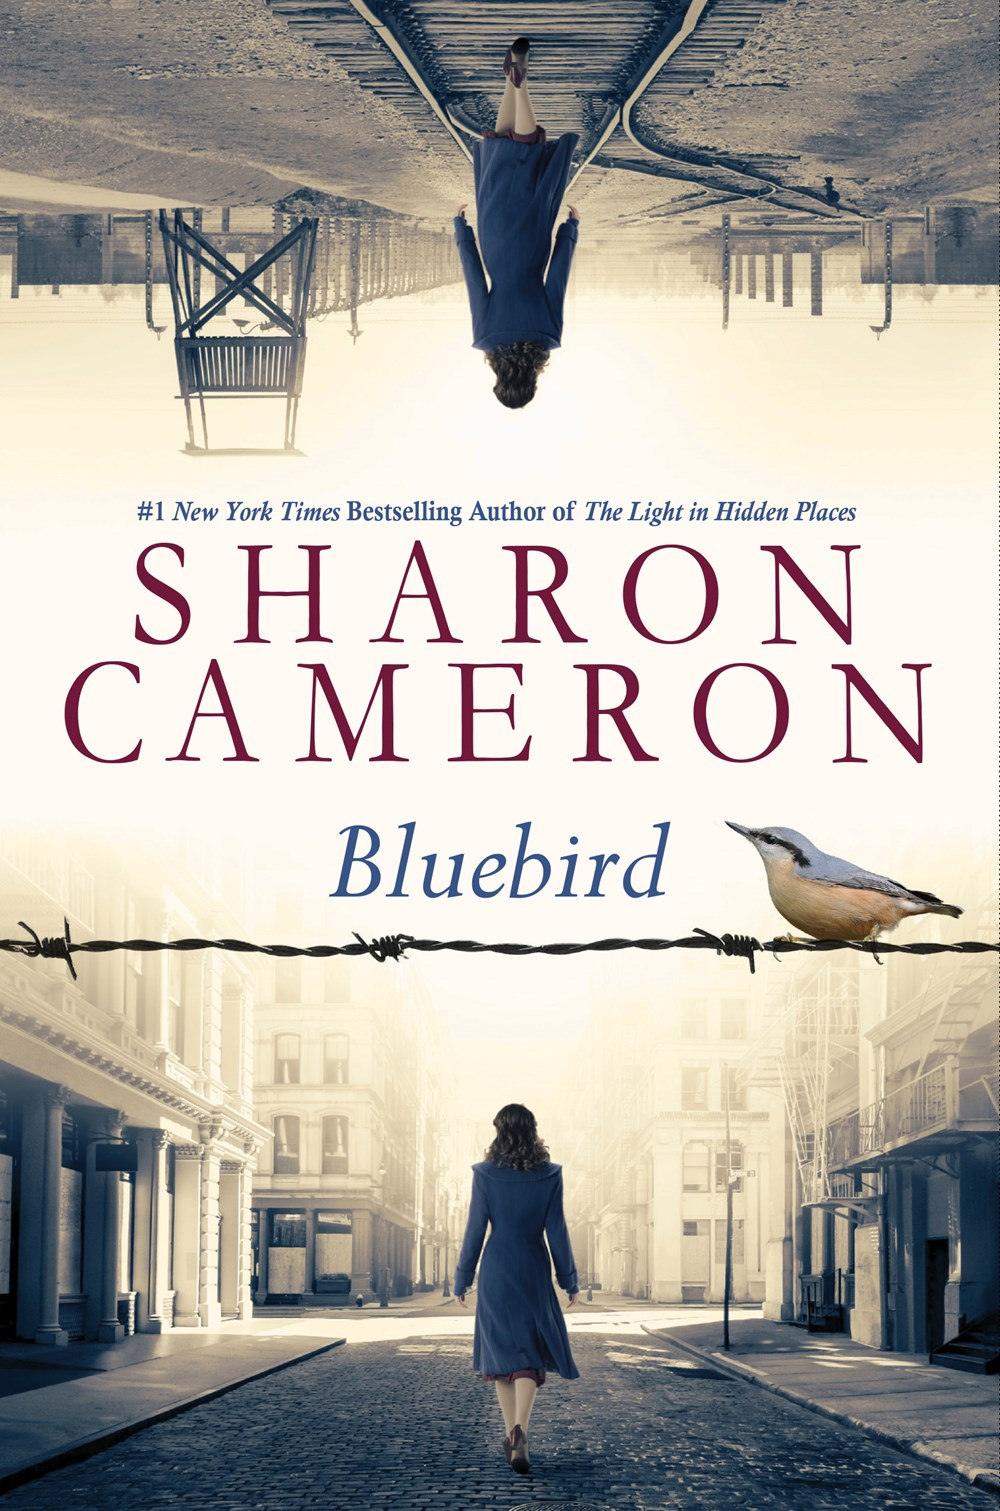 Bluebird by Sharon Cameron